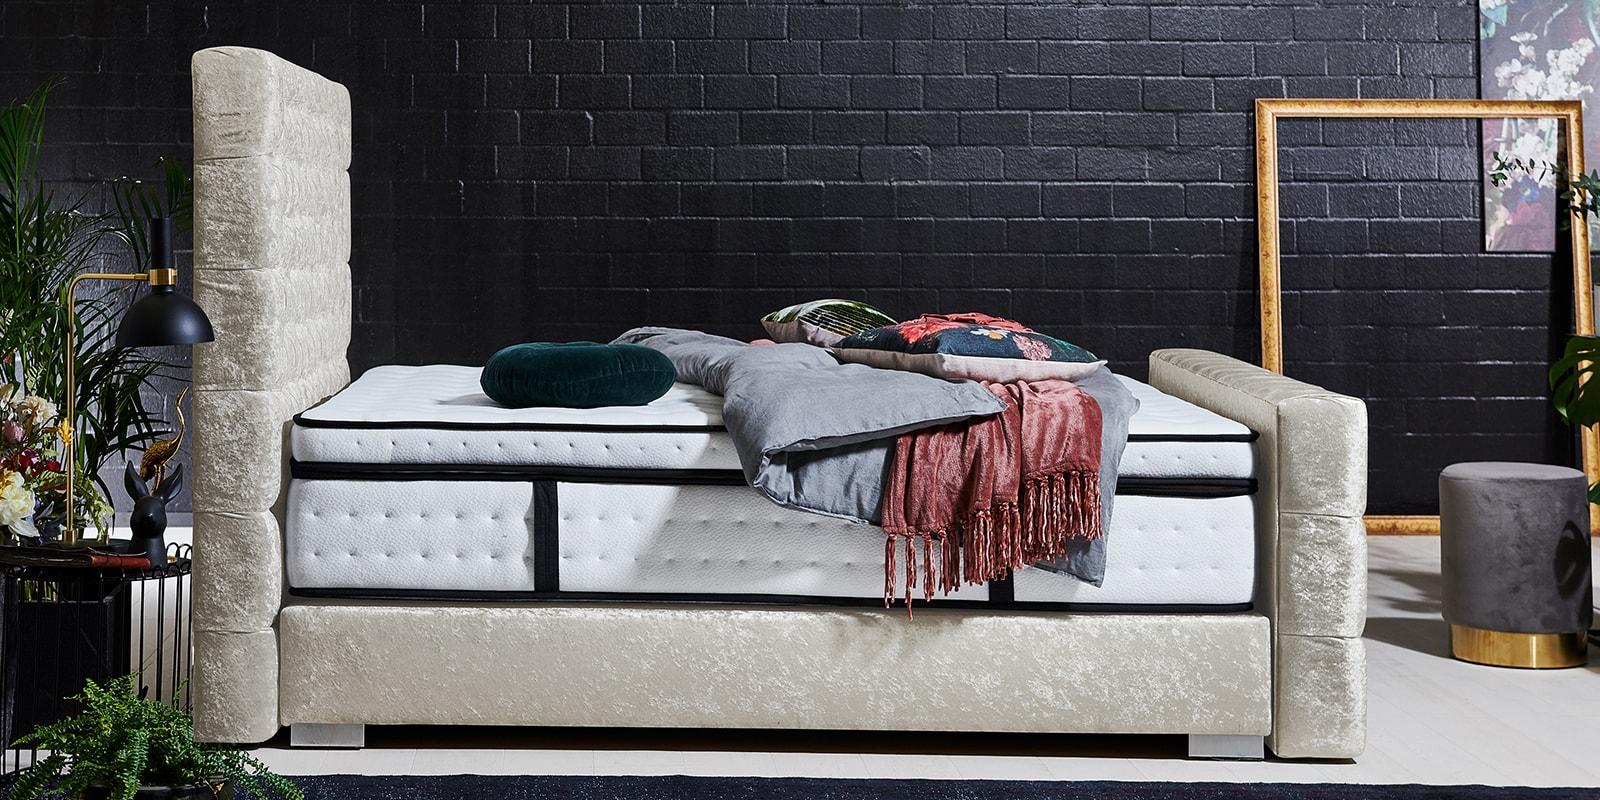 Moebella24 - Boxspringbett Manchester - Chesterfield-Stil - Barock-Stil - Samt glänzend beige von der Seite